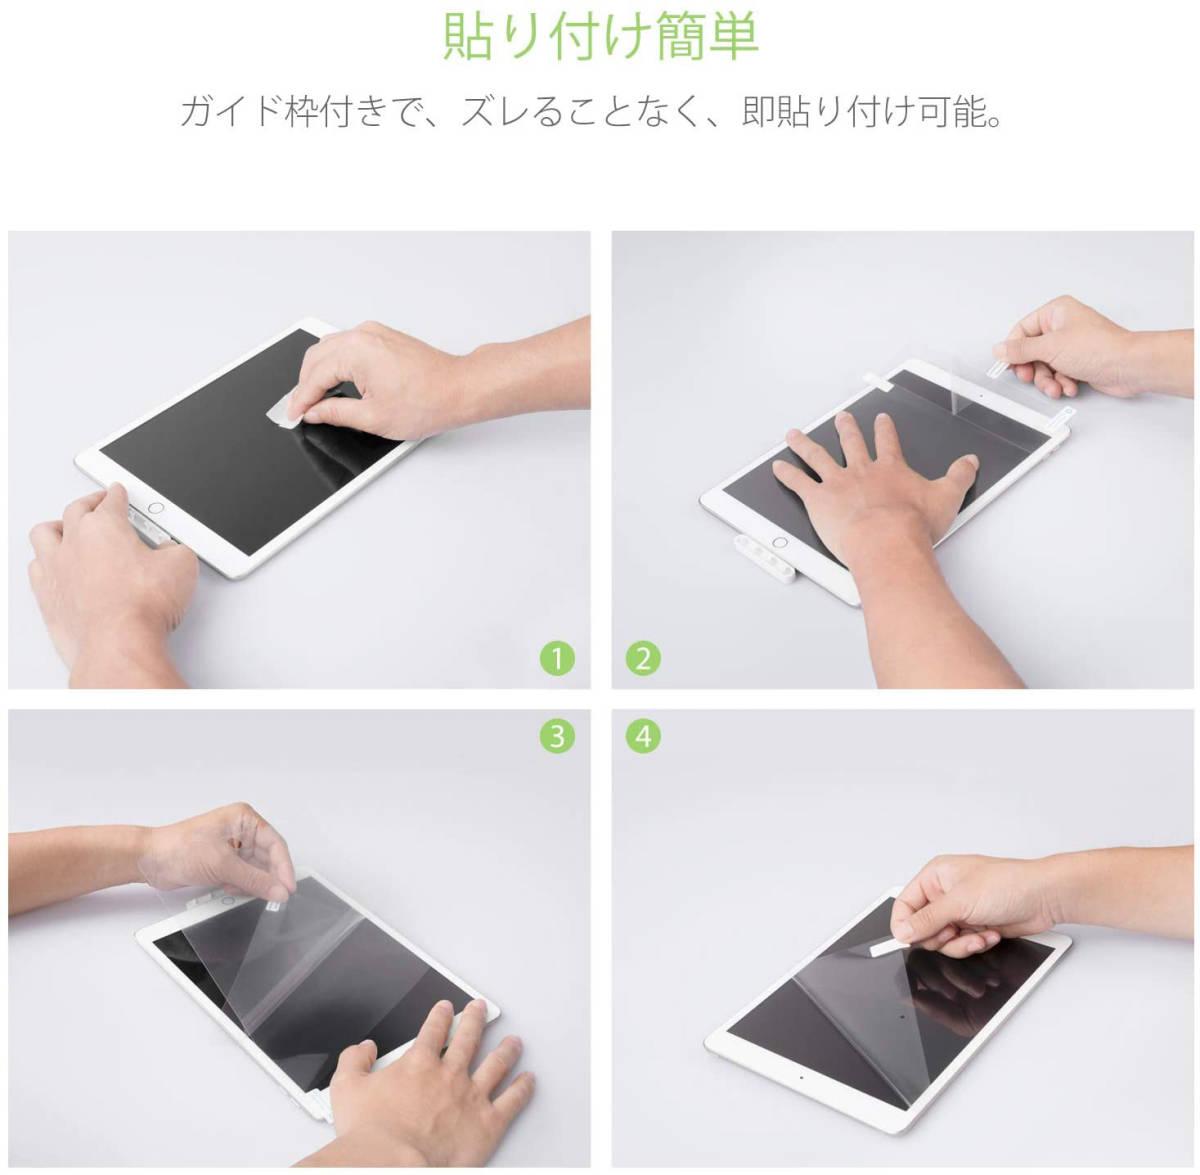 【ガイド枠付き】 iPad 10.2 用 ペーパーライク フィルム 箱キズあり_画像2